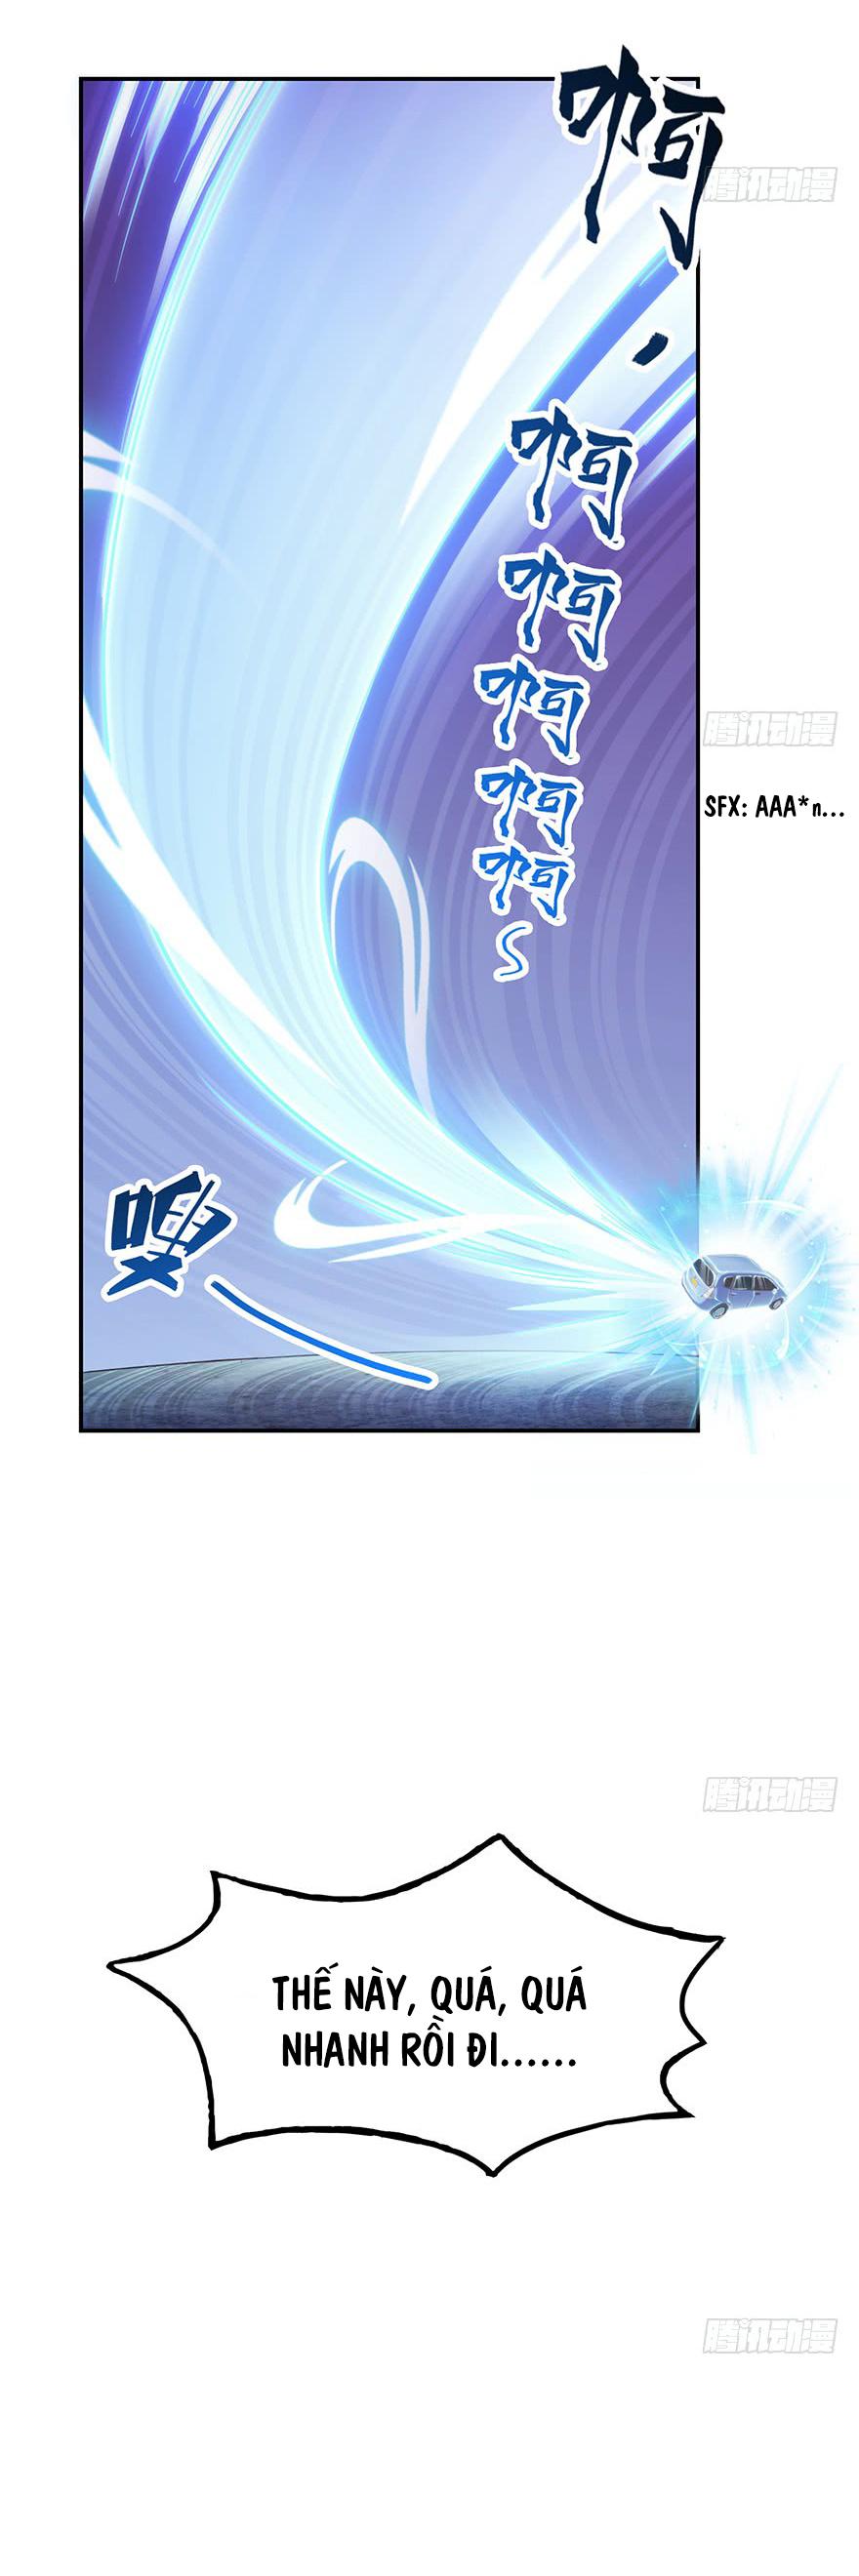 Tu Chân Nói Chuyện Phiếm Quần Chap 94 Upload bởi Truyentranhmoi.net